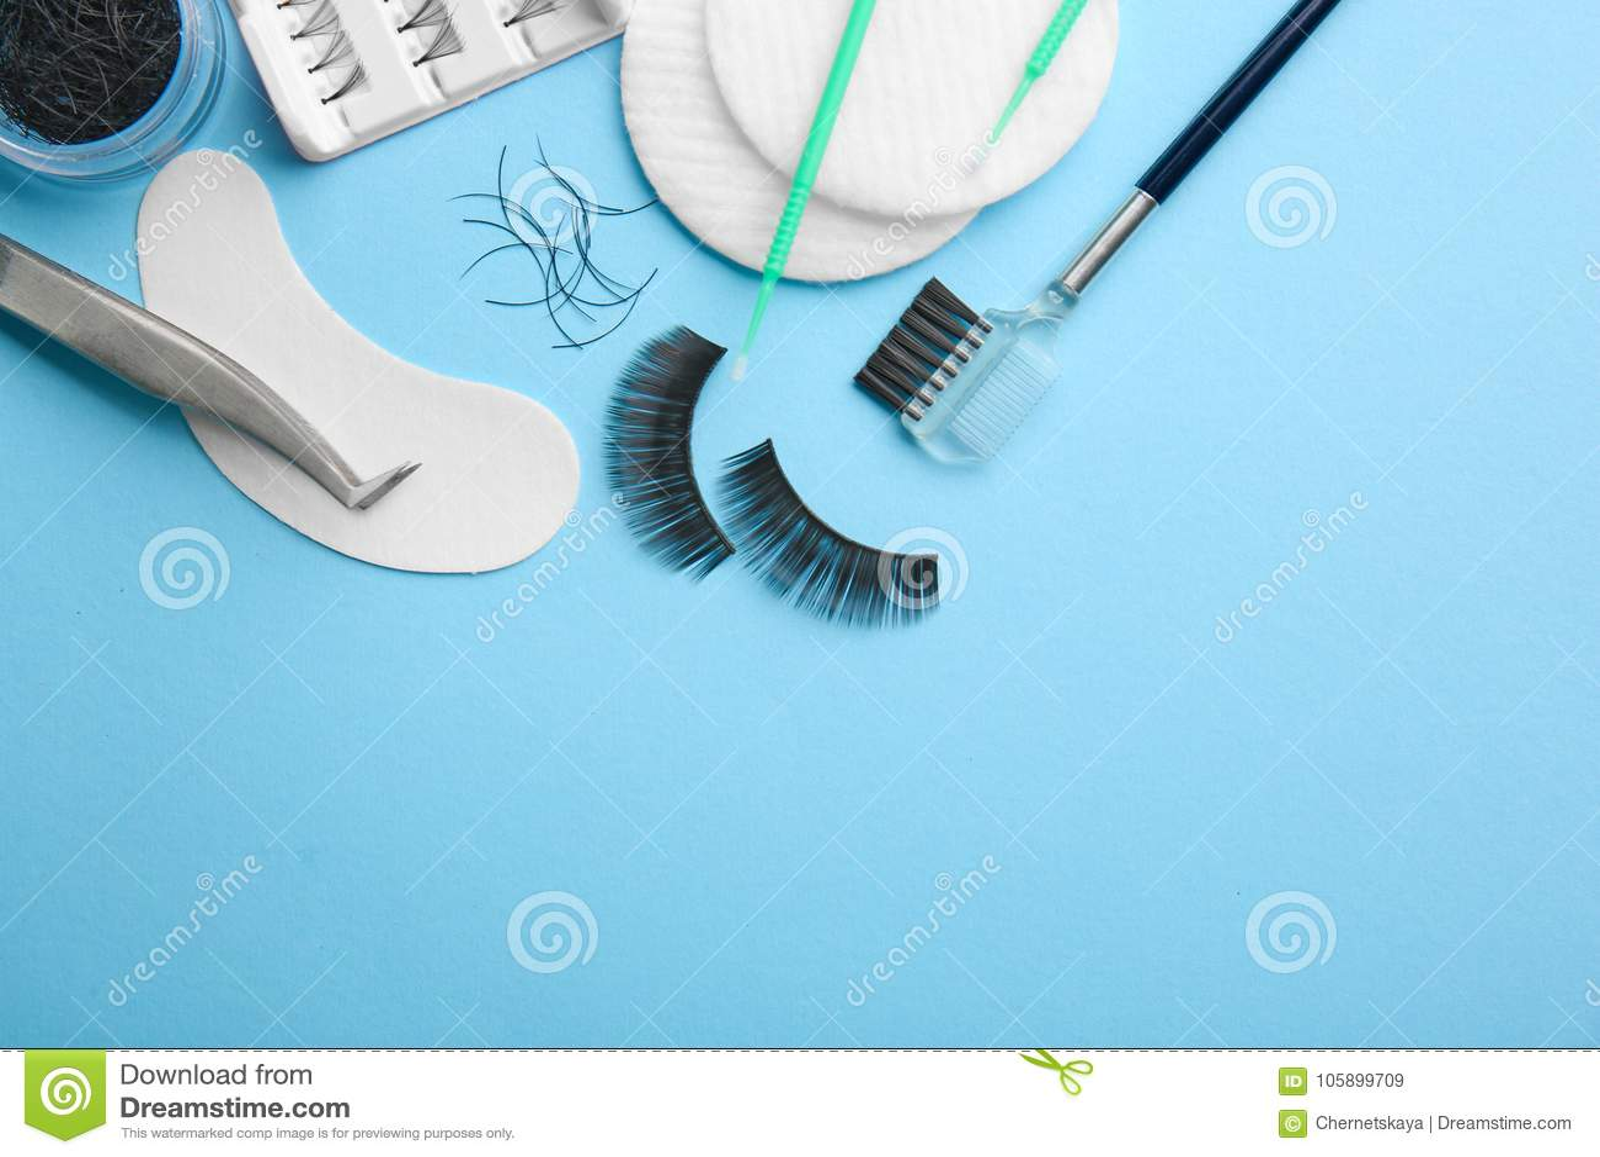 49c73d73d26 Set with false eyelashes stock image. Image of apply - 105899709